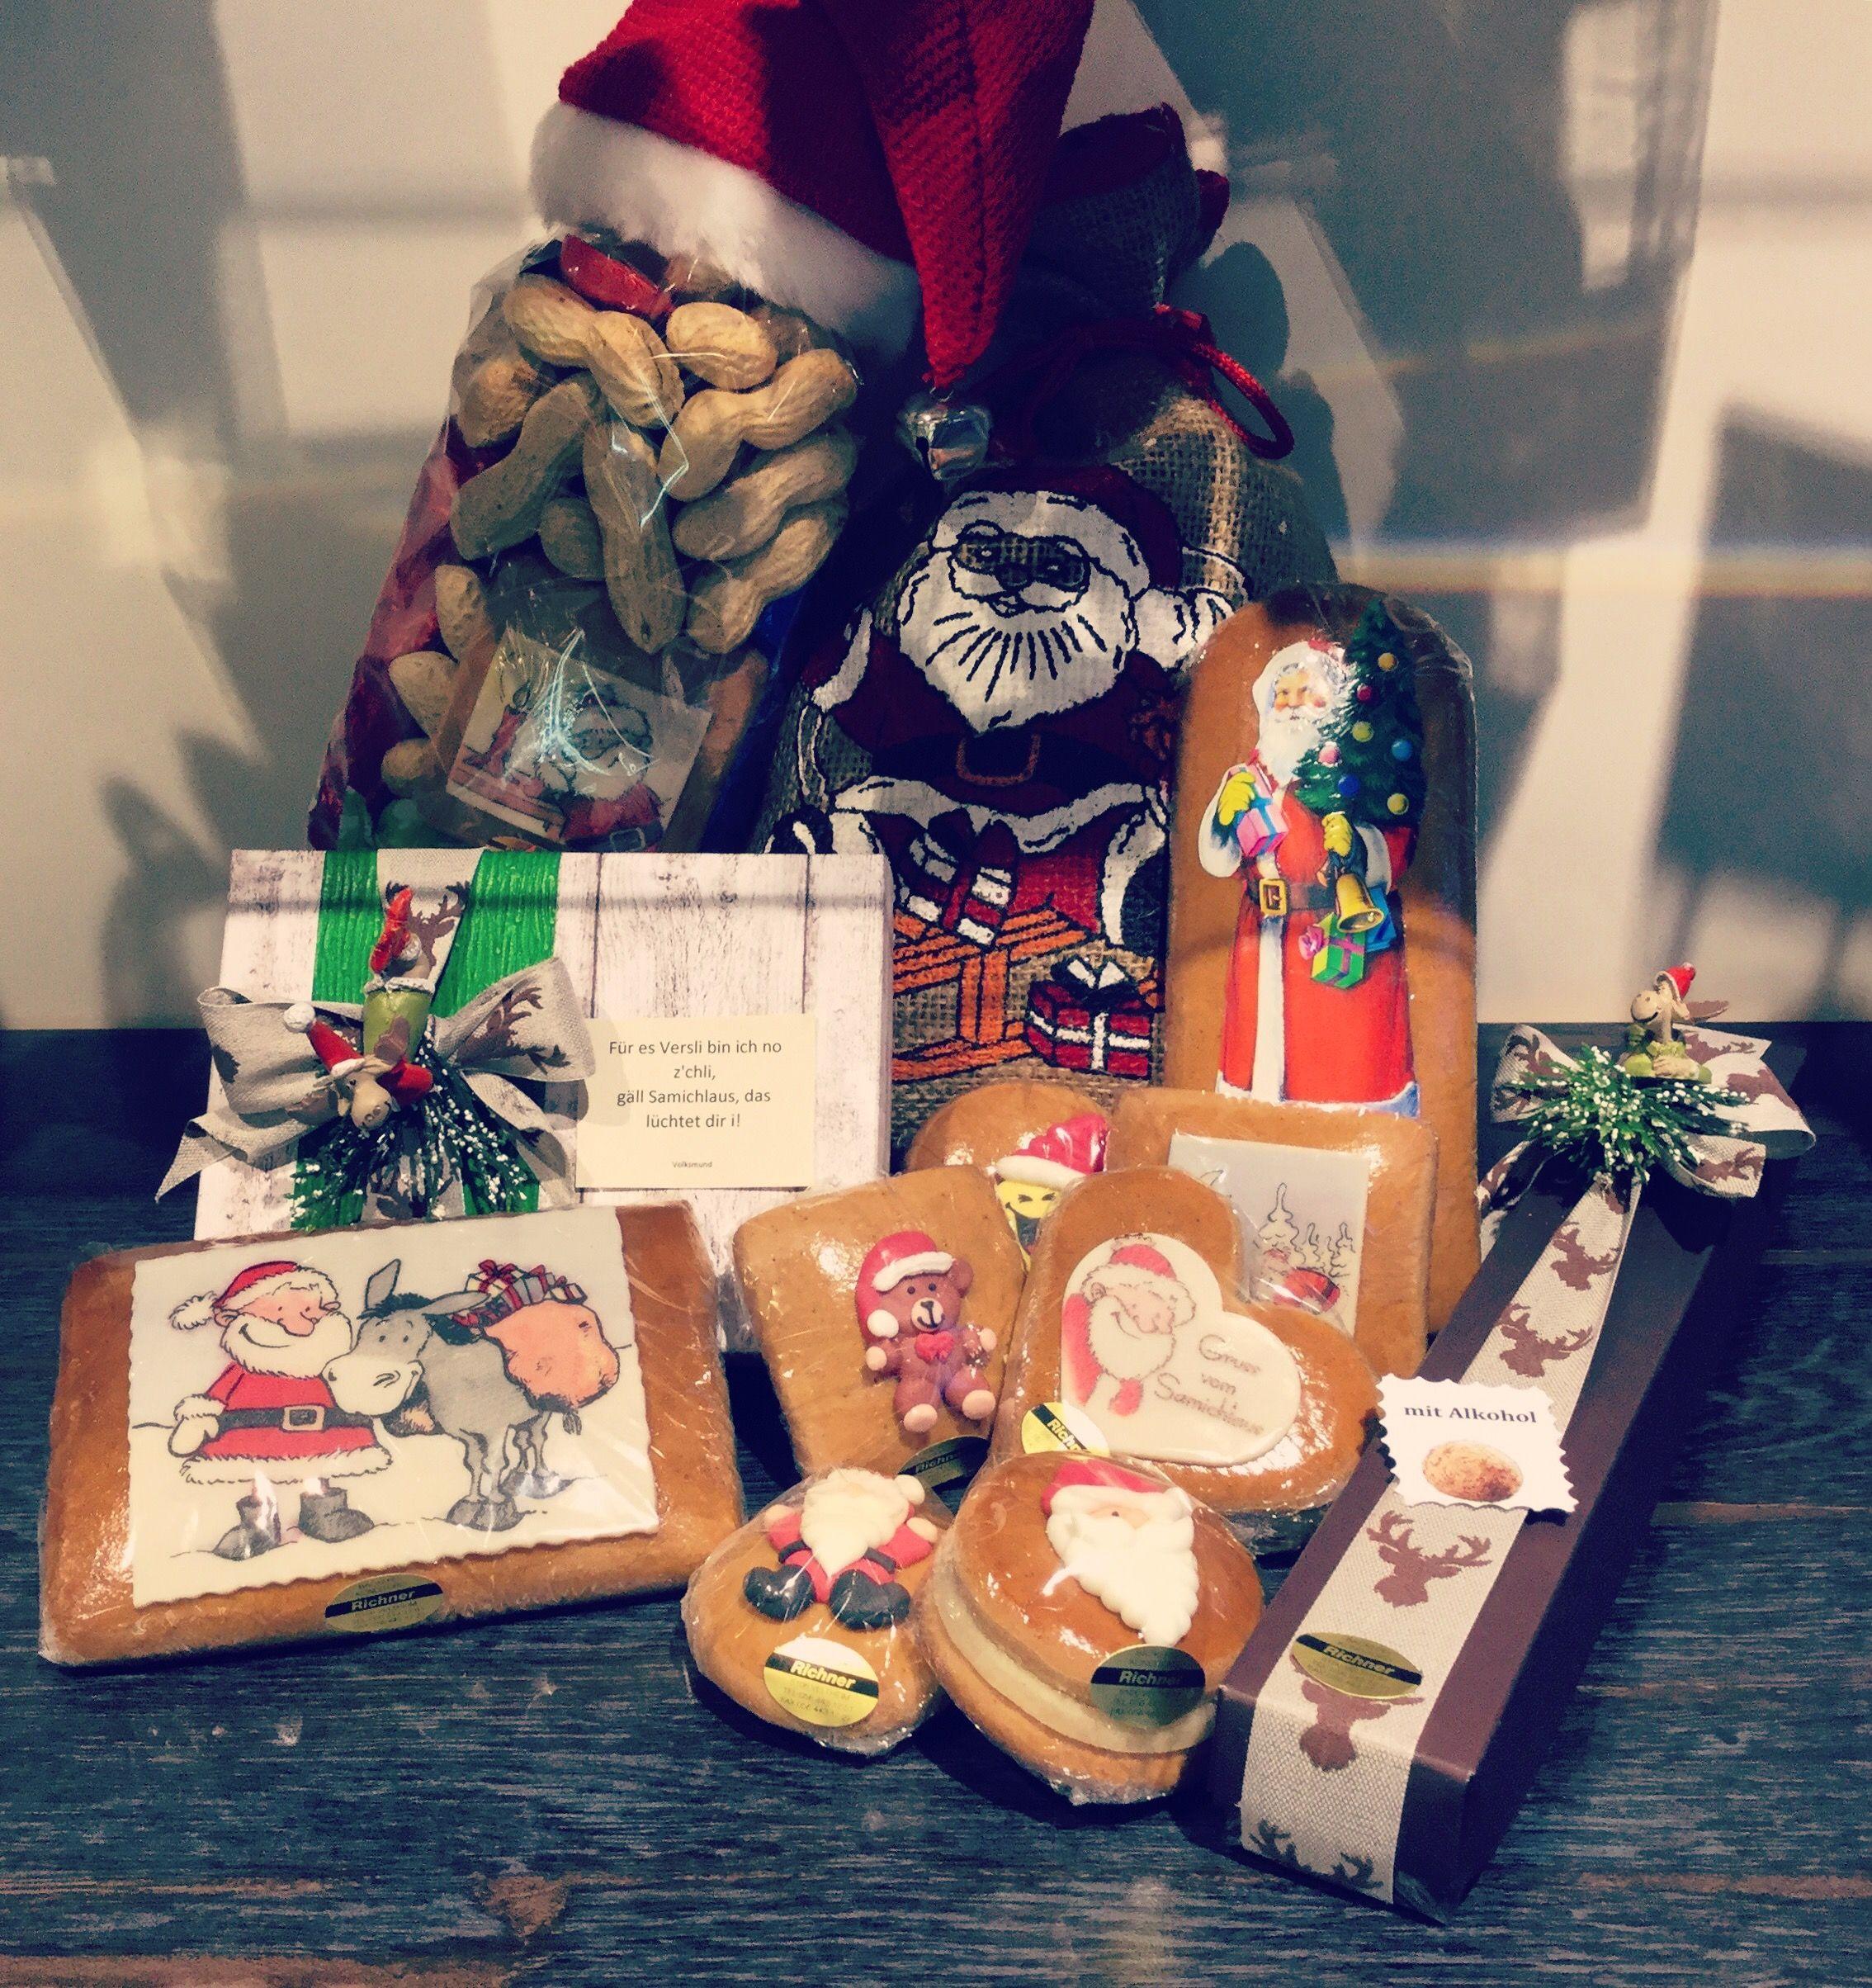 Ab dem 11. November wieder Samichlaus-Spezialitäten: Grittibänzen / Weihnachtschrömli / Lebkuchen mit Verzierungen / Lebkuchen-Häuschen zum selber machen / Chlaussäcke und vieles mehr!😍🎅🌟❄️ #samichlaus #lebkuchen #lebkuchenhaus #lebkuchenhausbauen #chlaussäckli